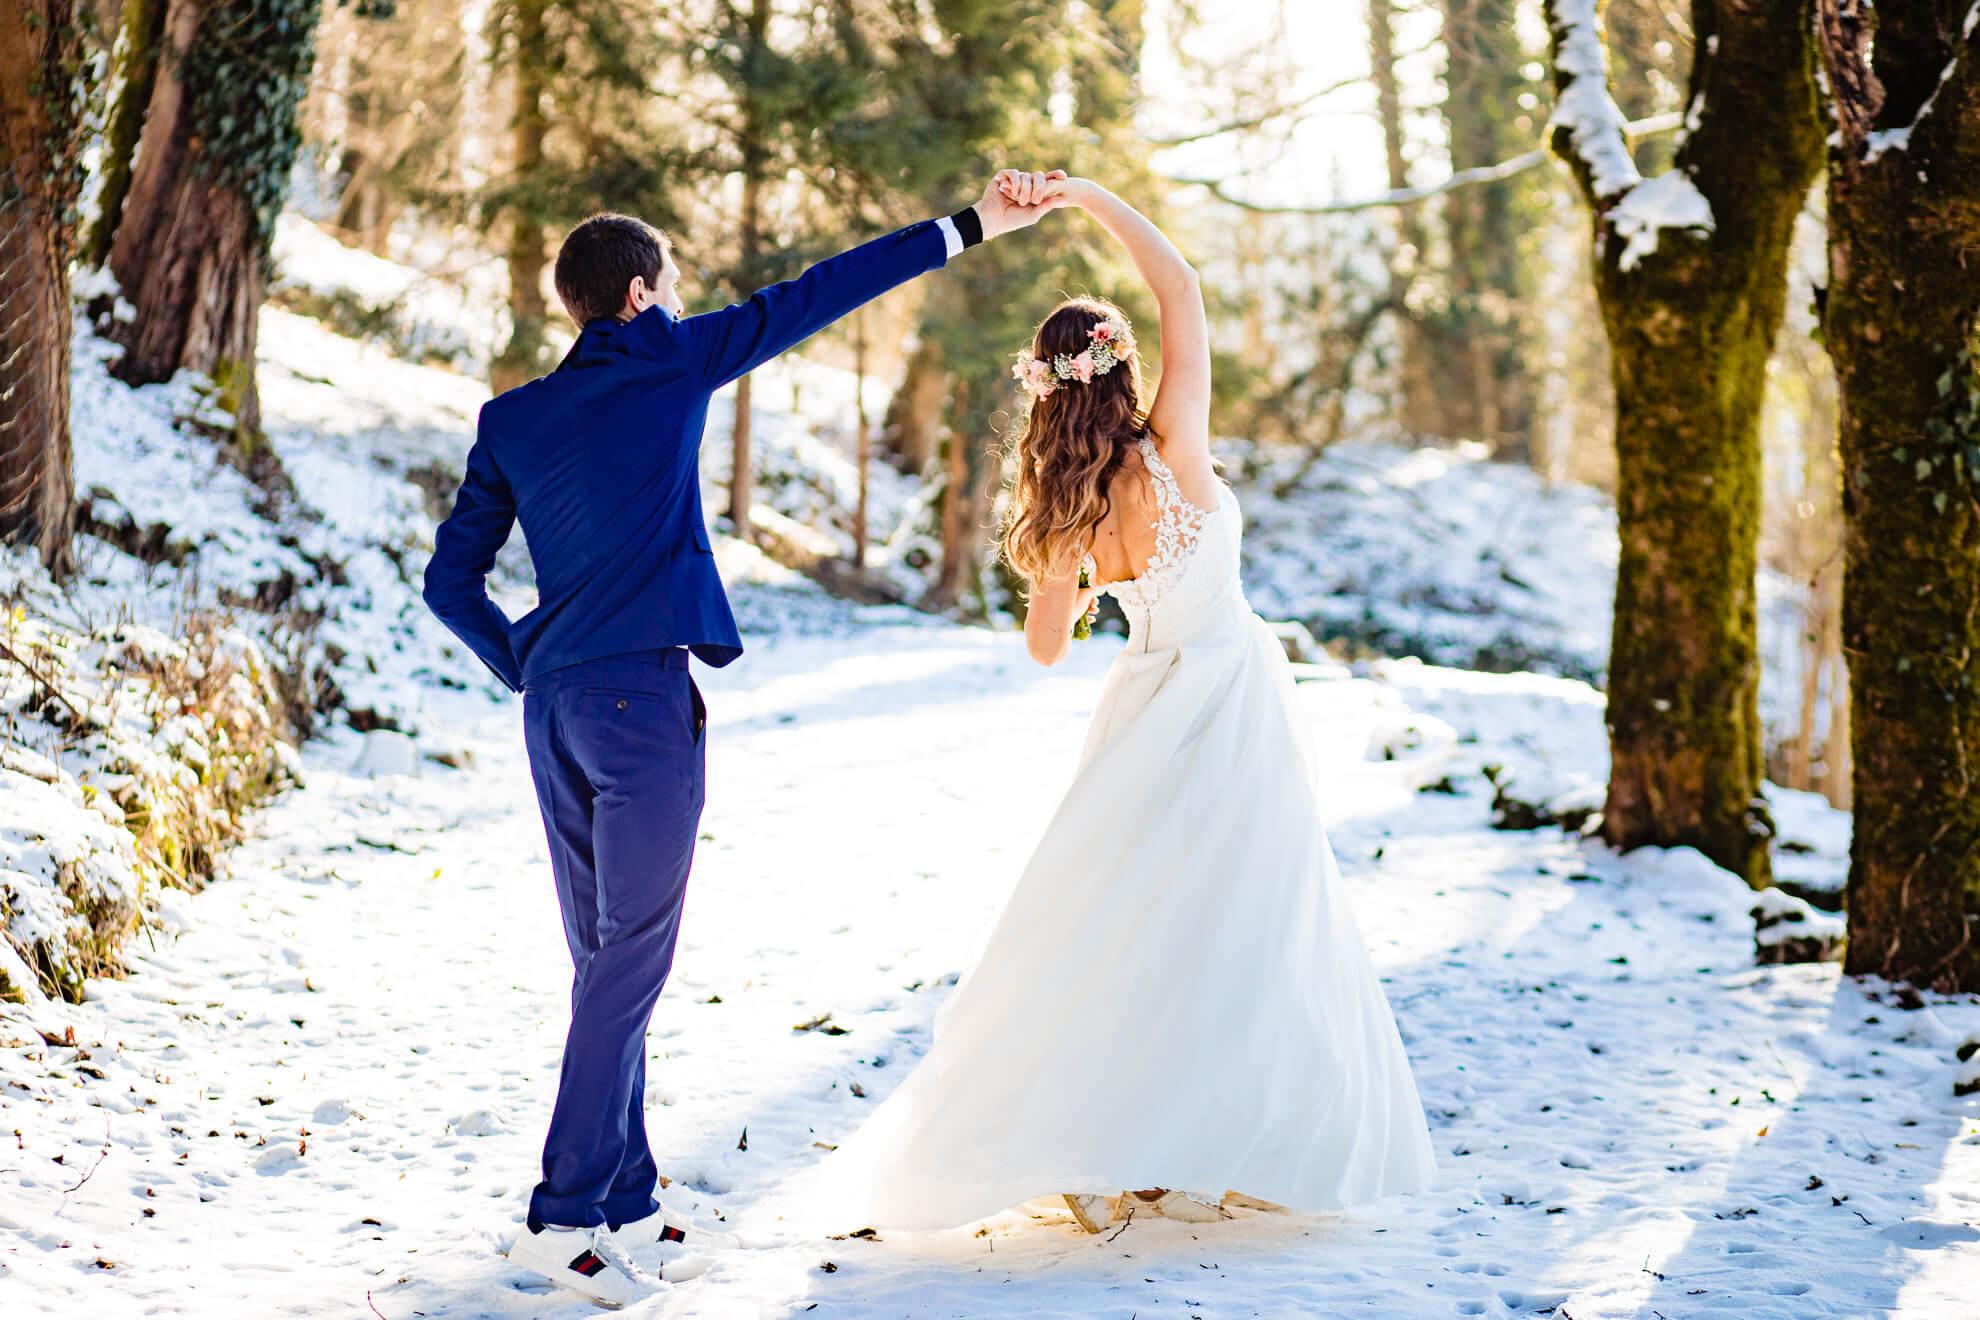 Jeunes mariés dansant dans un jardin enneigé